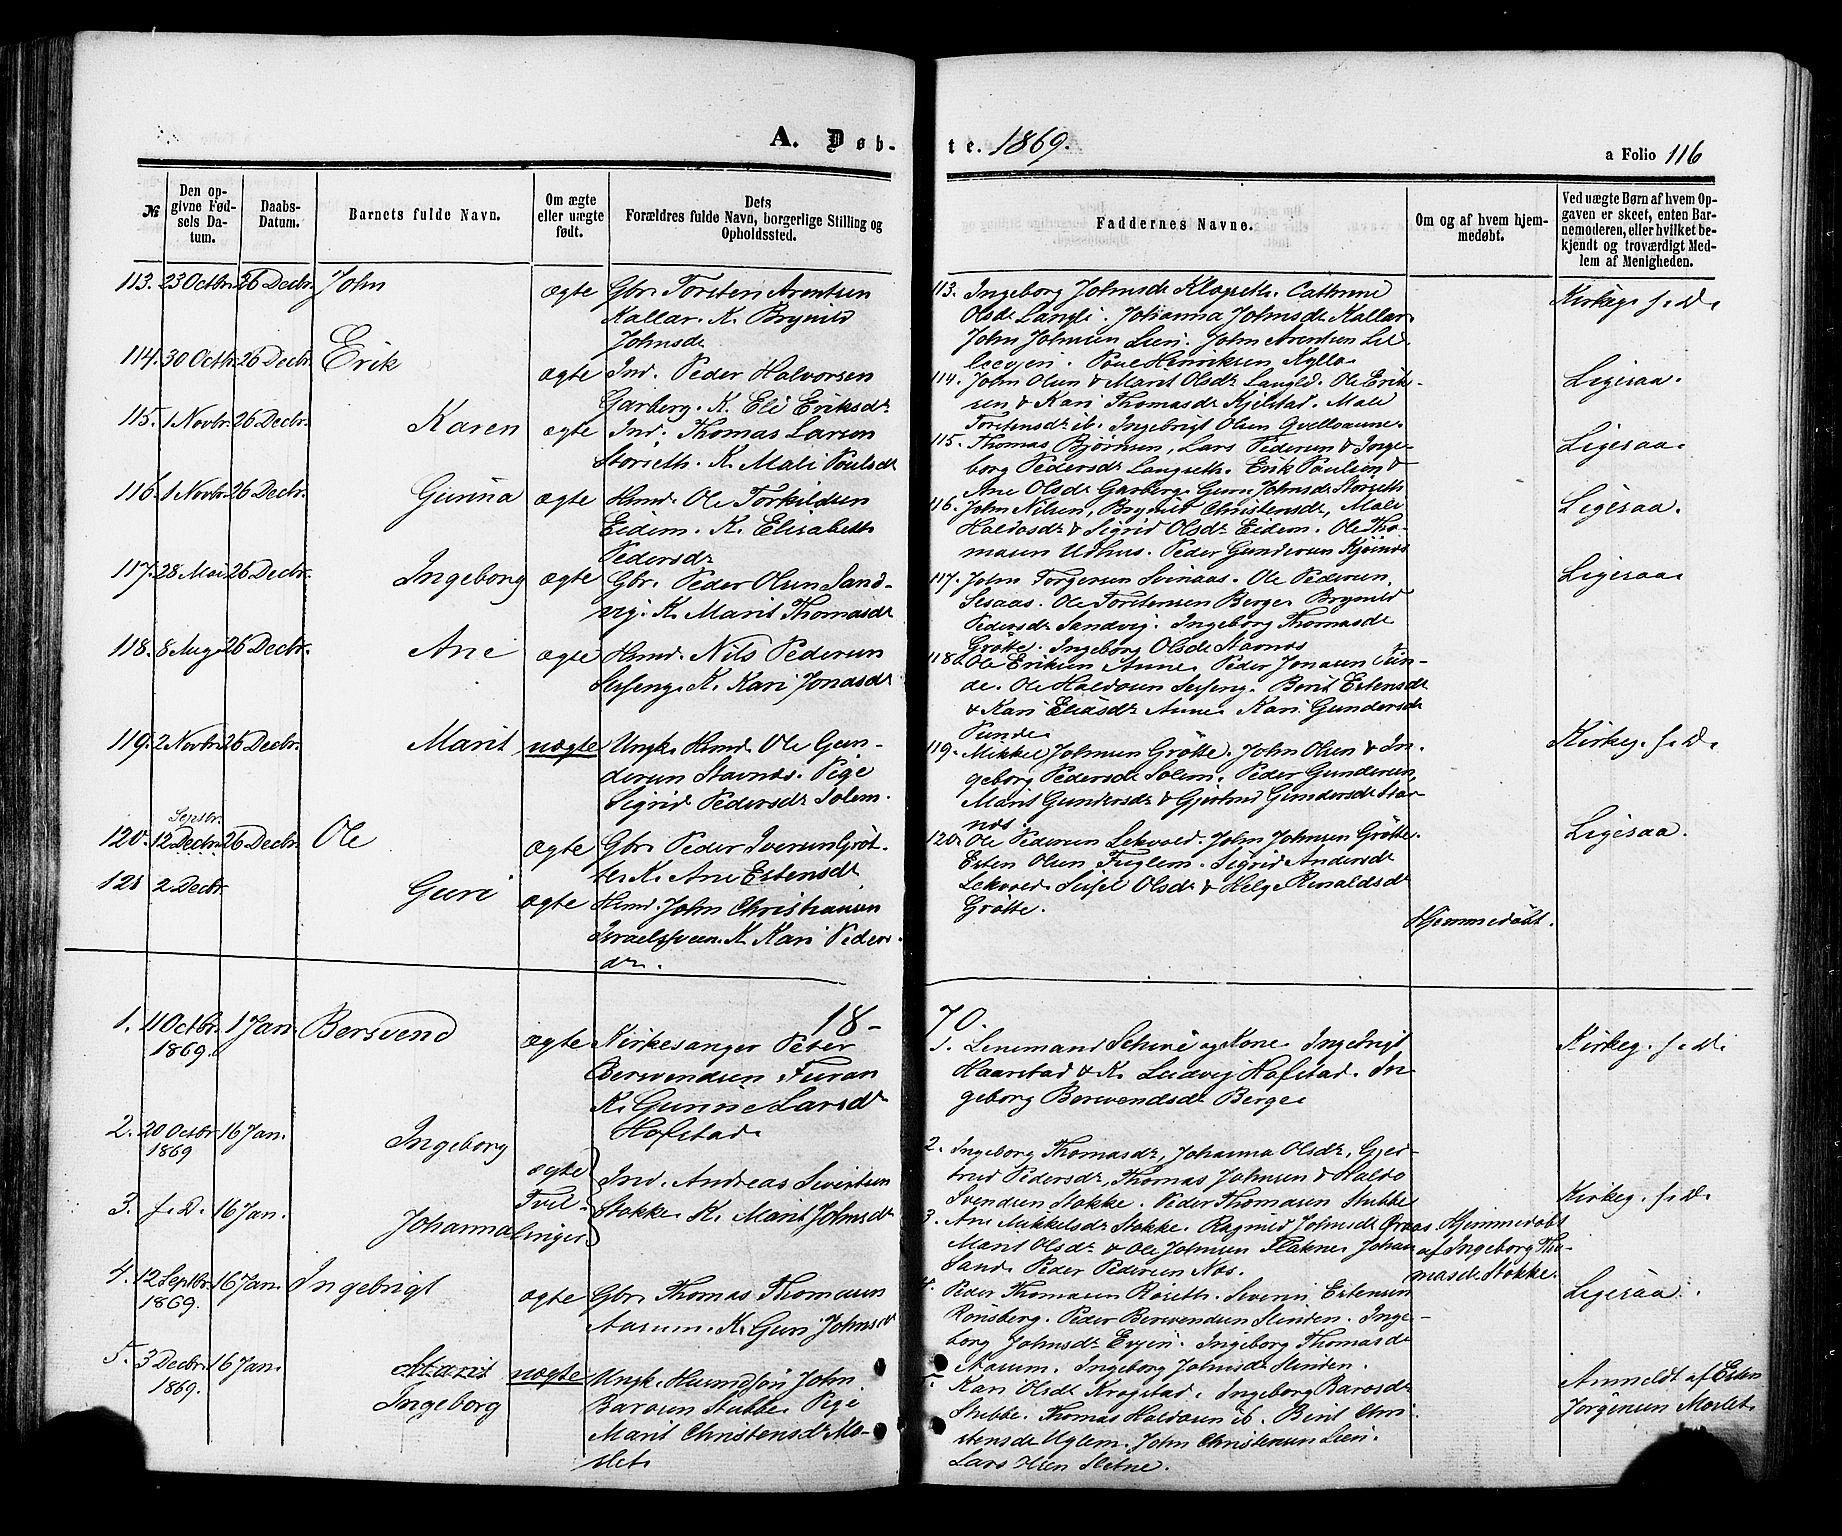 SAT, Ministerialprotokoller, klokkerbøker og fødselsregistre - Sør-Trøndelag, 695/L1147: Ministerialbok nr. 695A07, 1860-1877, s. 116